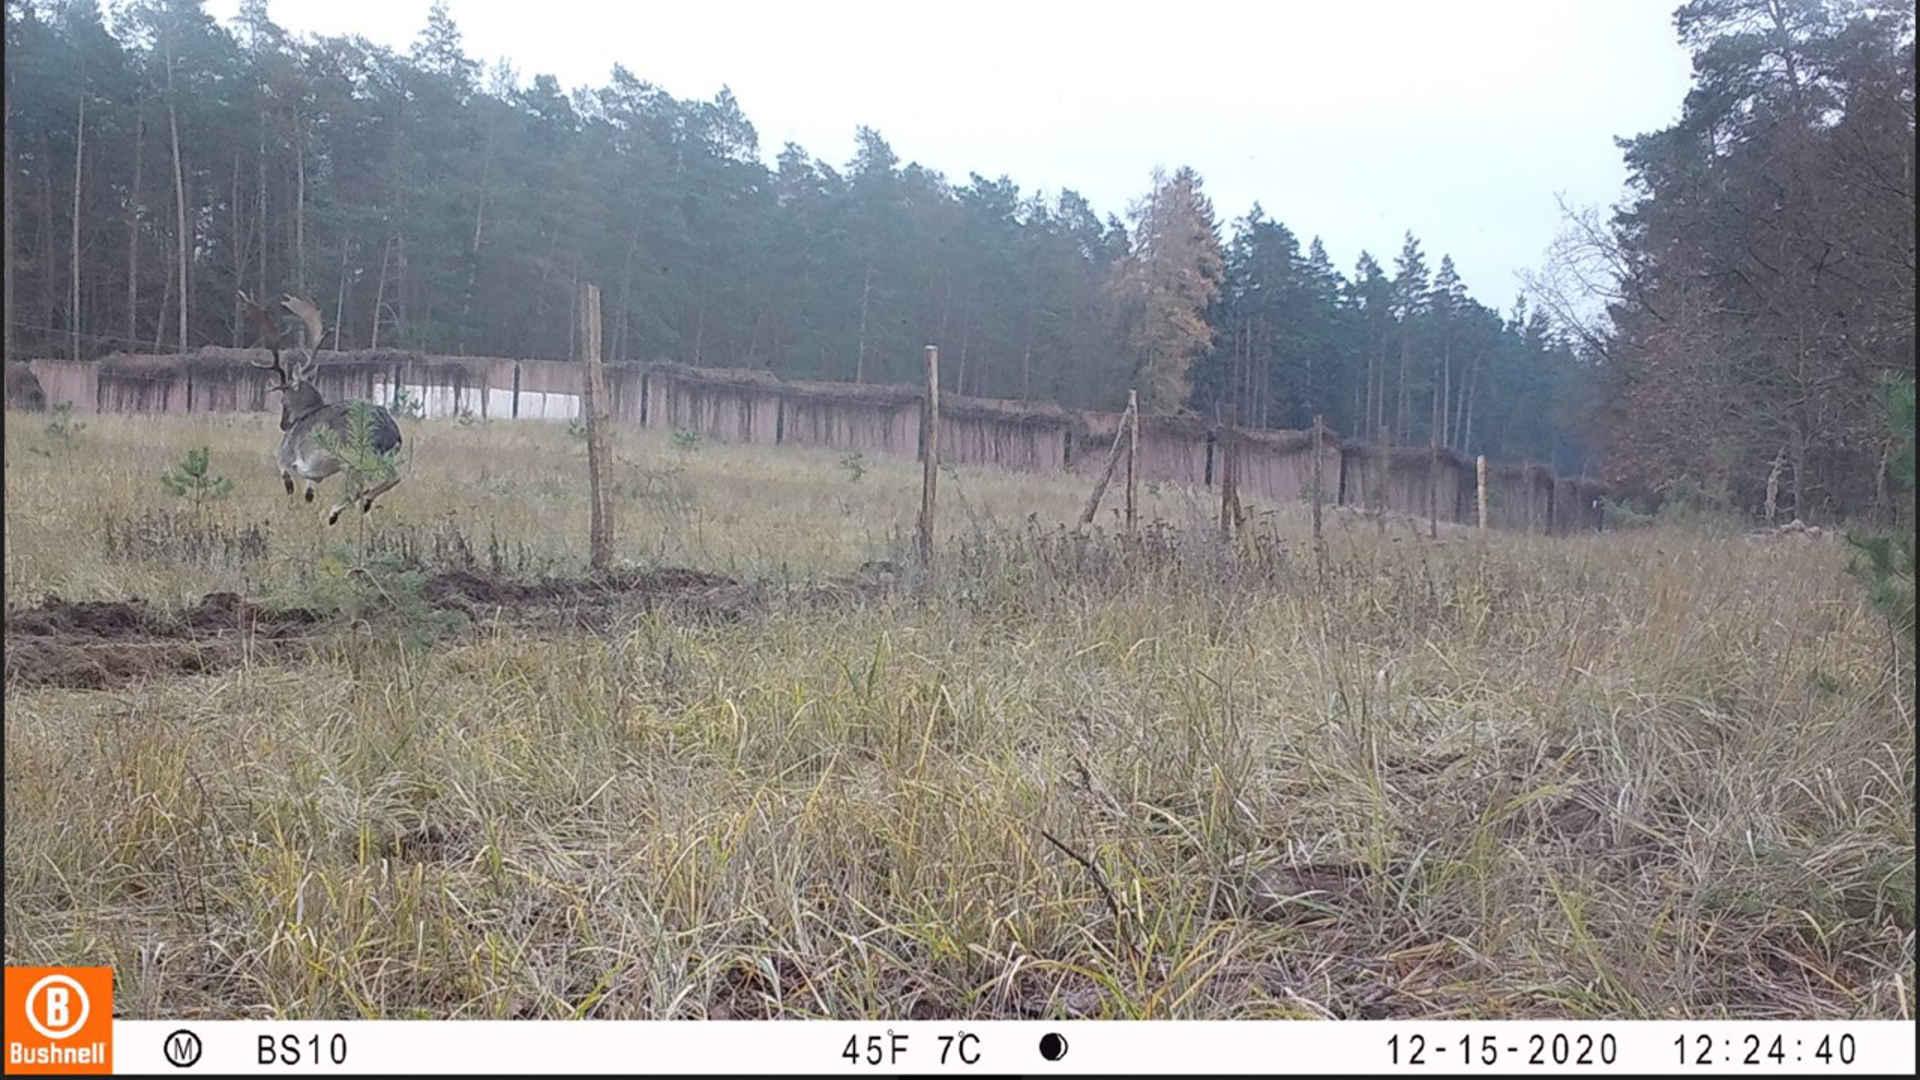 Zaun Schweinepest: Hirsch springt in den Zaun Fotofalle